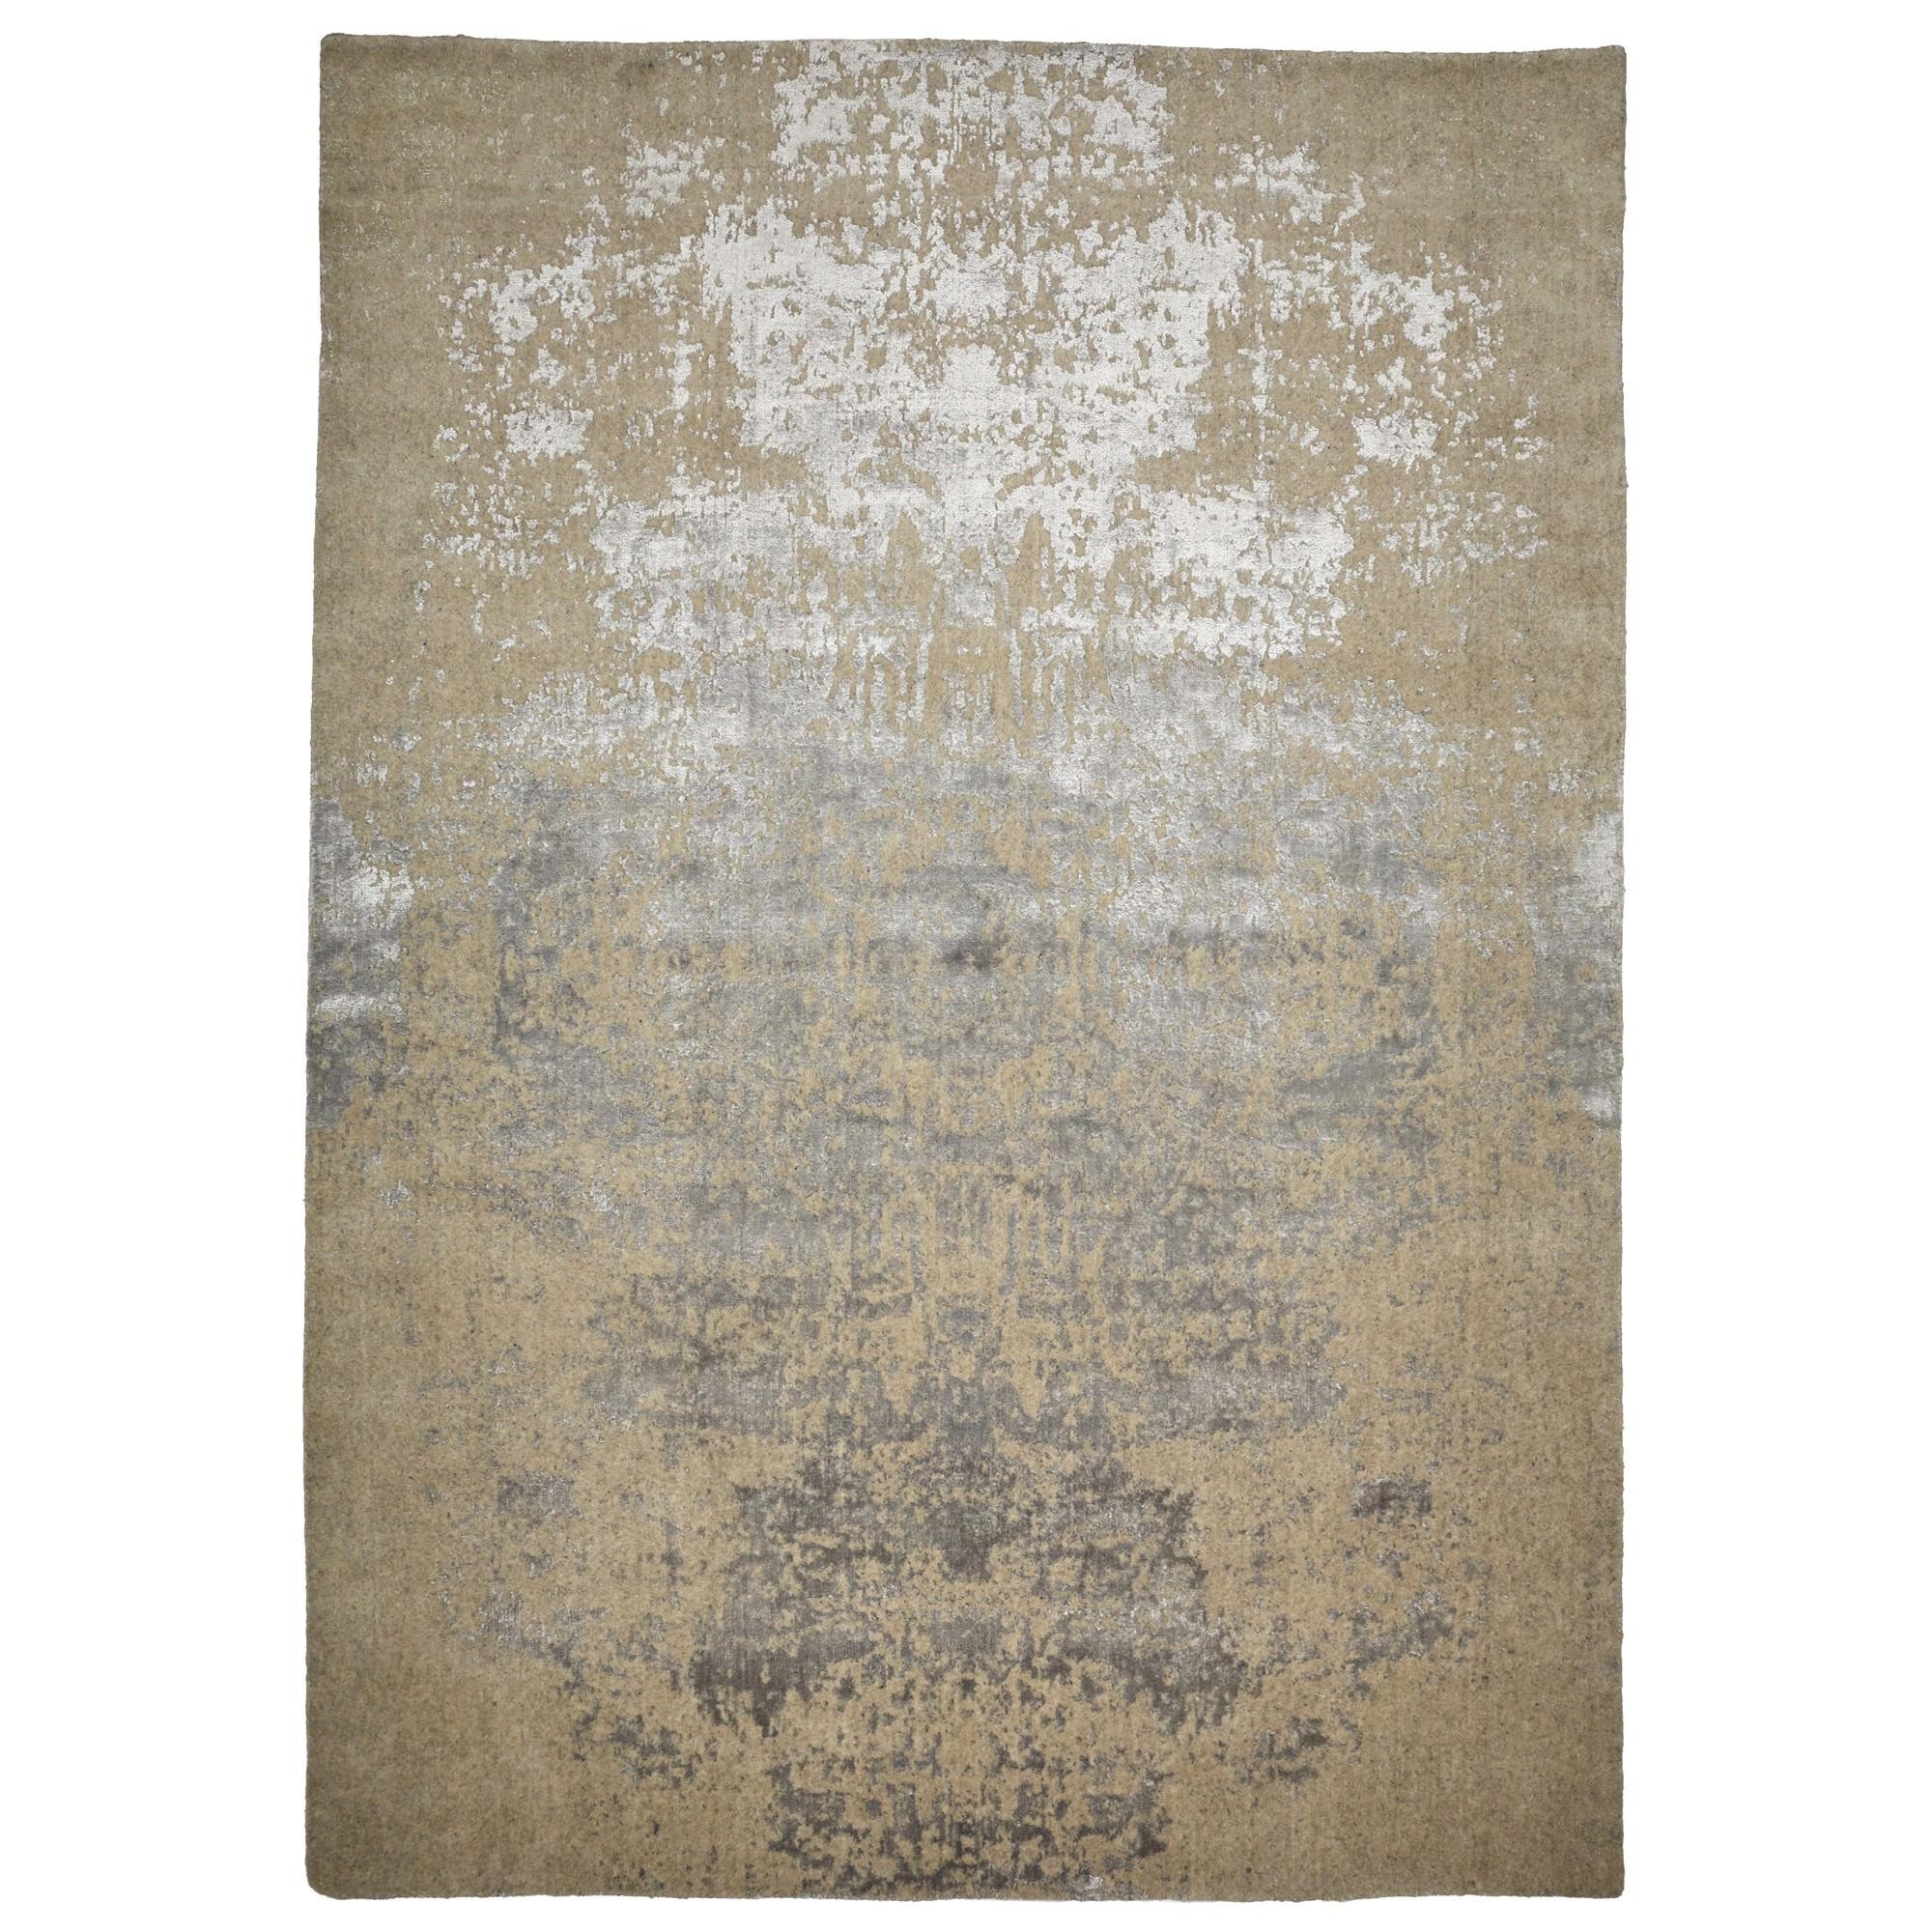 Vienna No.047 Handmade Wool Transitional Rug, 225x155cm, Beige